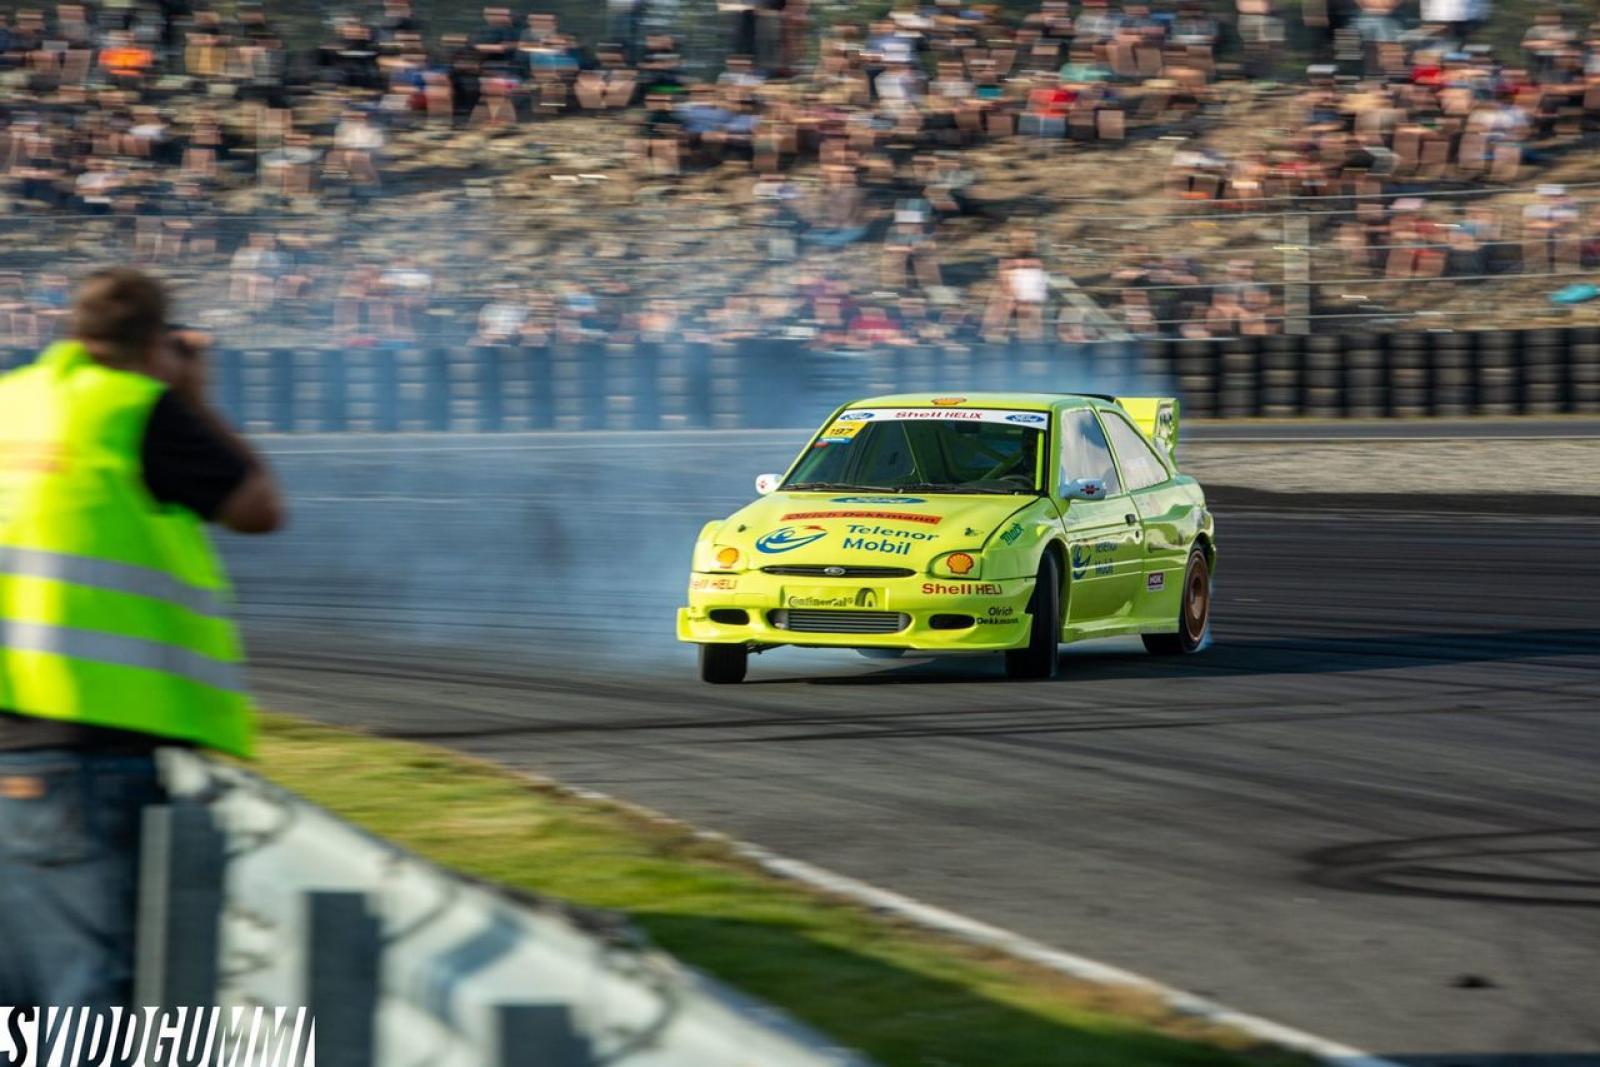 Ford Escort RS 2000 F1RX Martin Schanche - 3